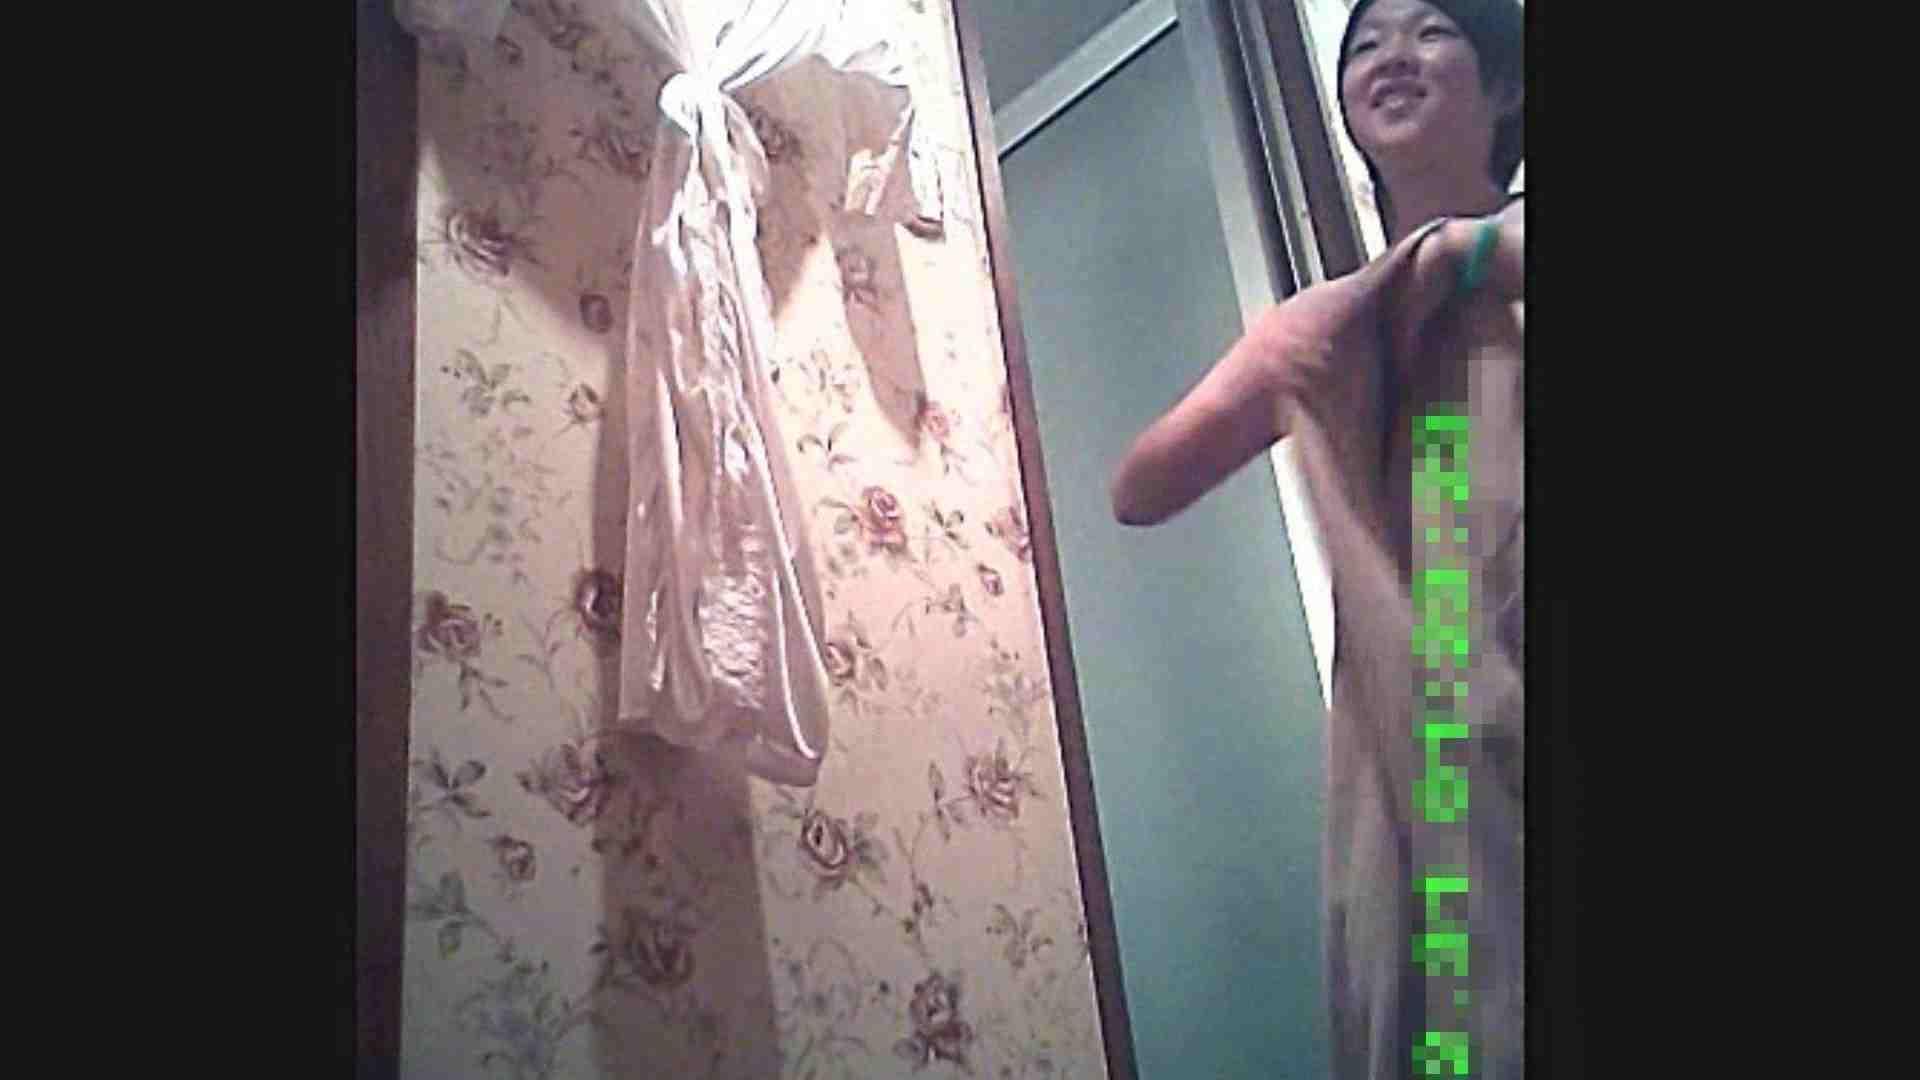 禁断、、家庭教のおしえ子 (シリーズⅣ) しのぶちゃん  Vol.26 脱衣編 むっちり アダルト動画キャプチャ 103画像 54